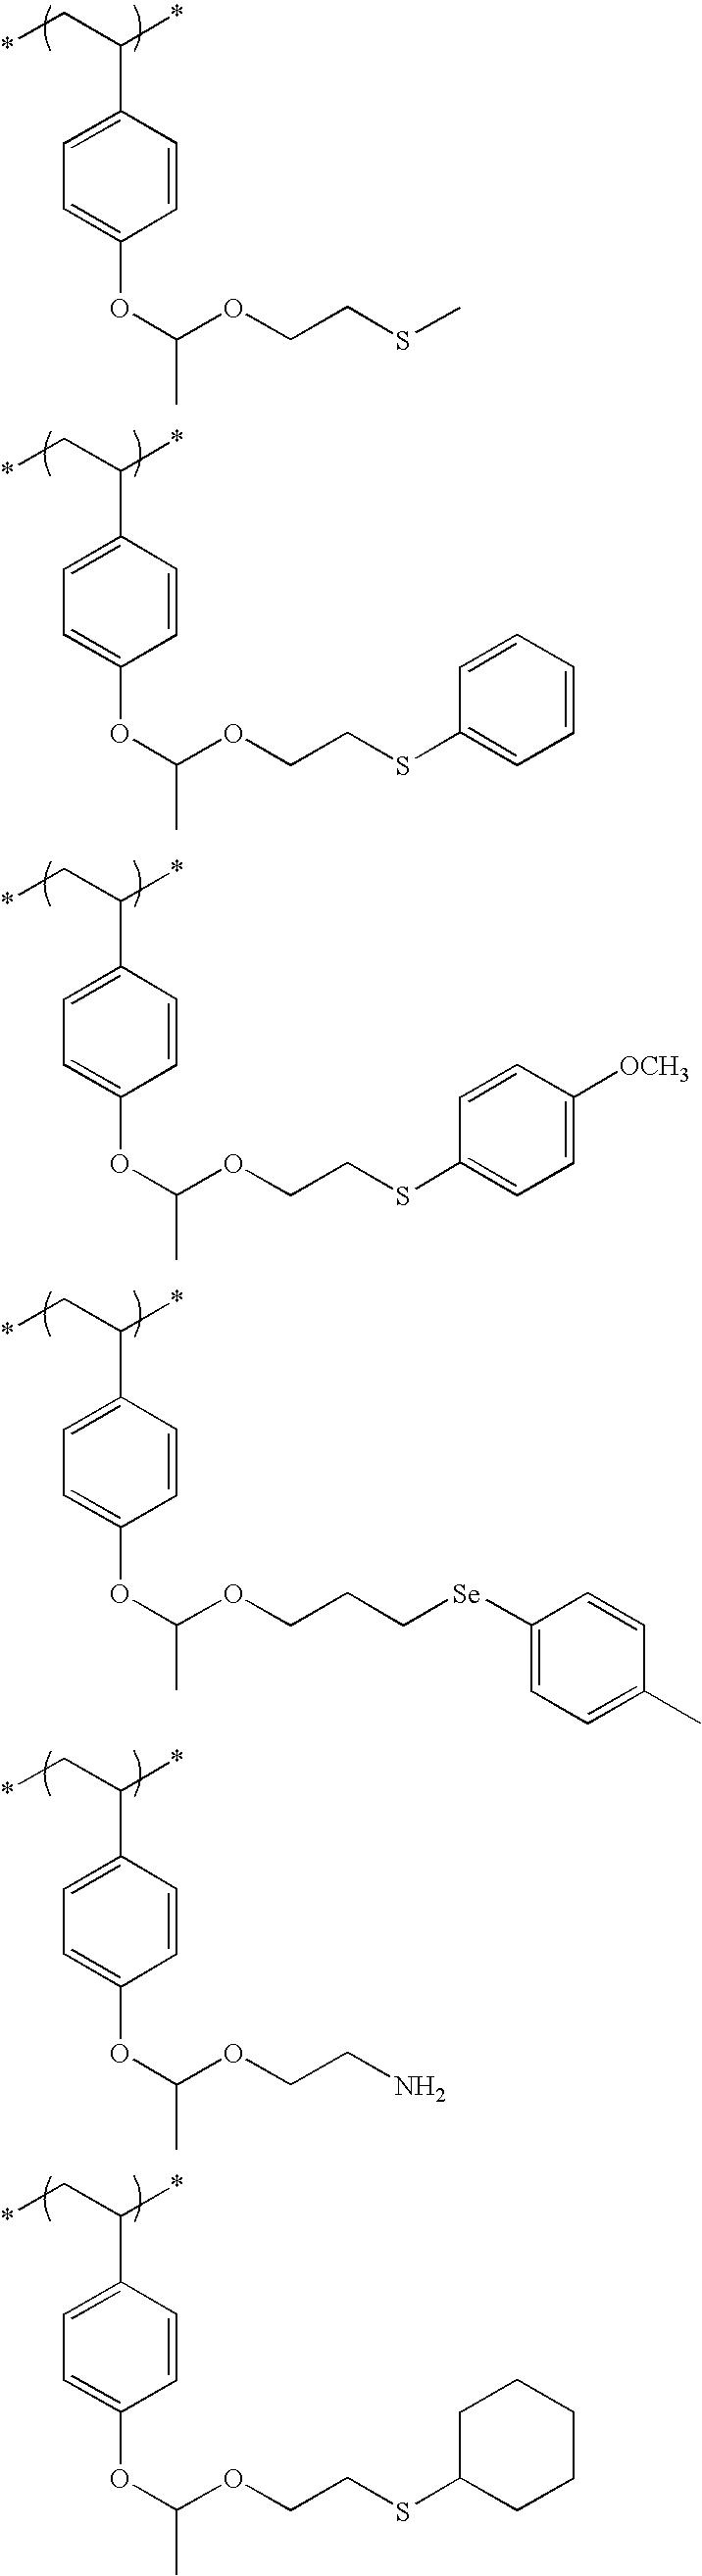 Figure US20100183975A1-20100722-C00094